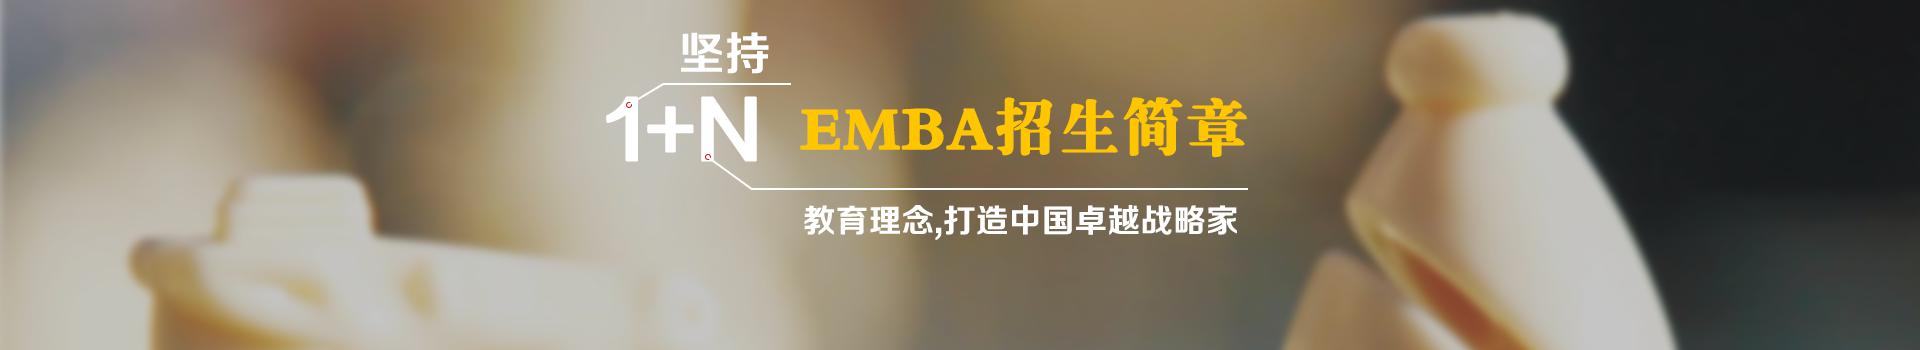 吉林大学商学院高级工商管理硕士EMBA招生简章